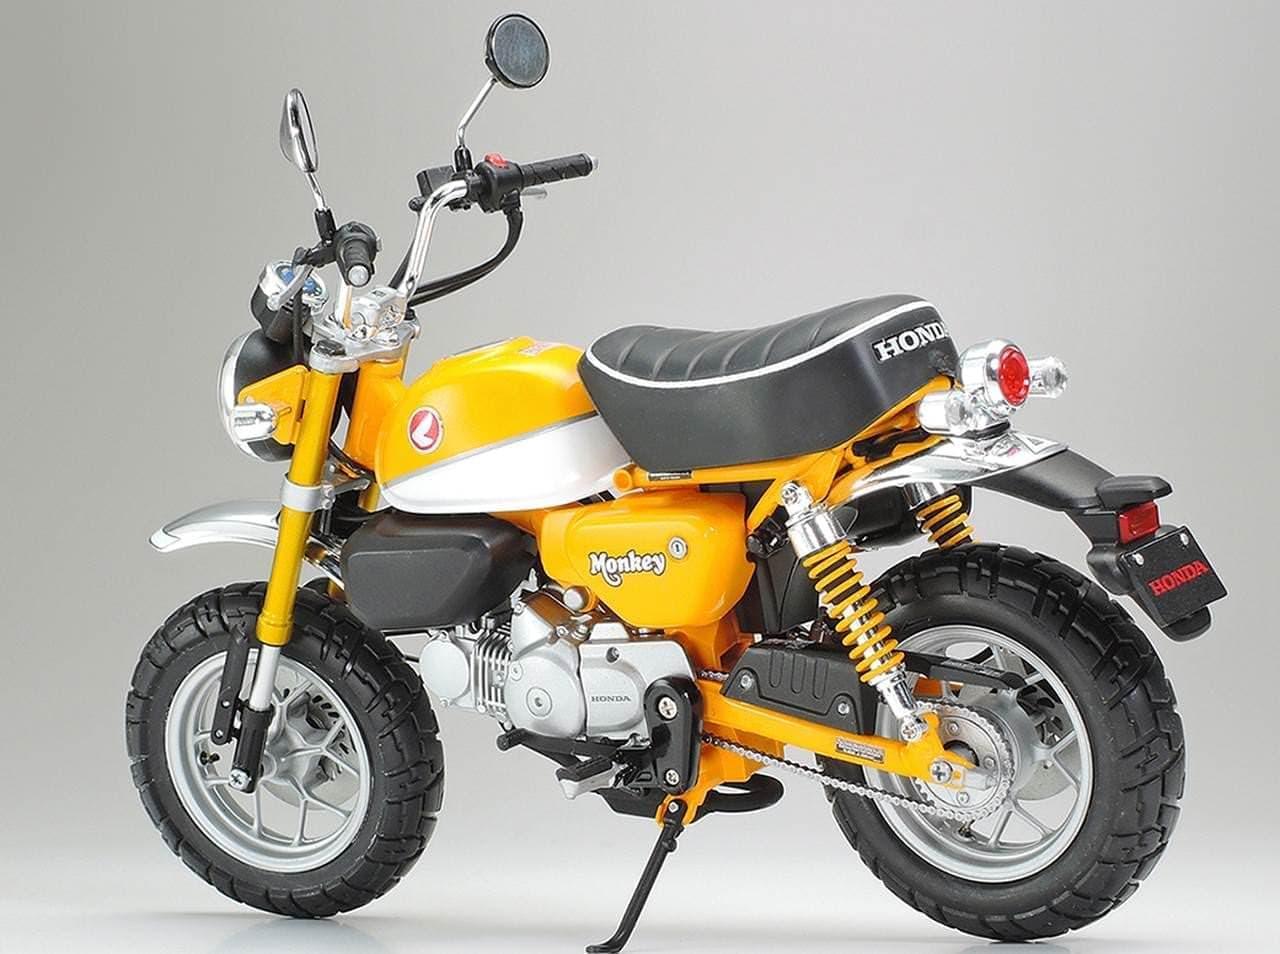 「Honda モンキー125」 1/12スケールモデル発売